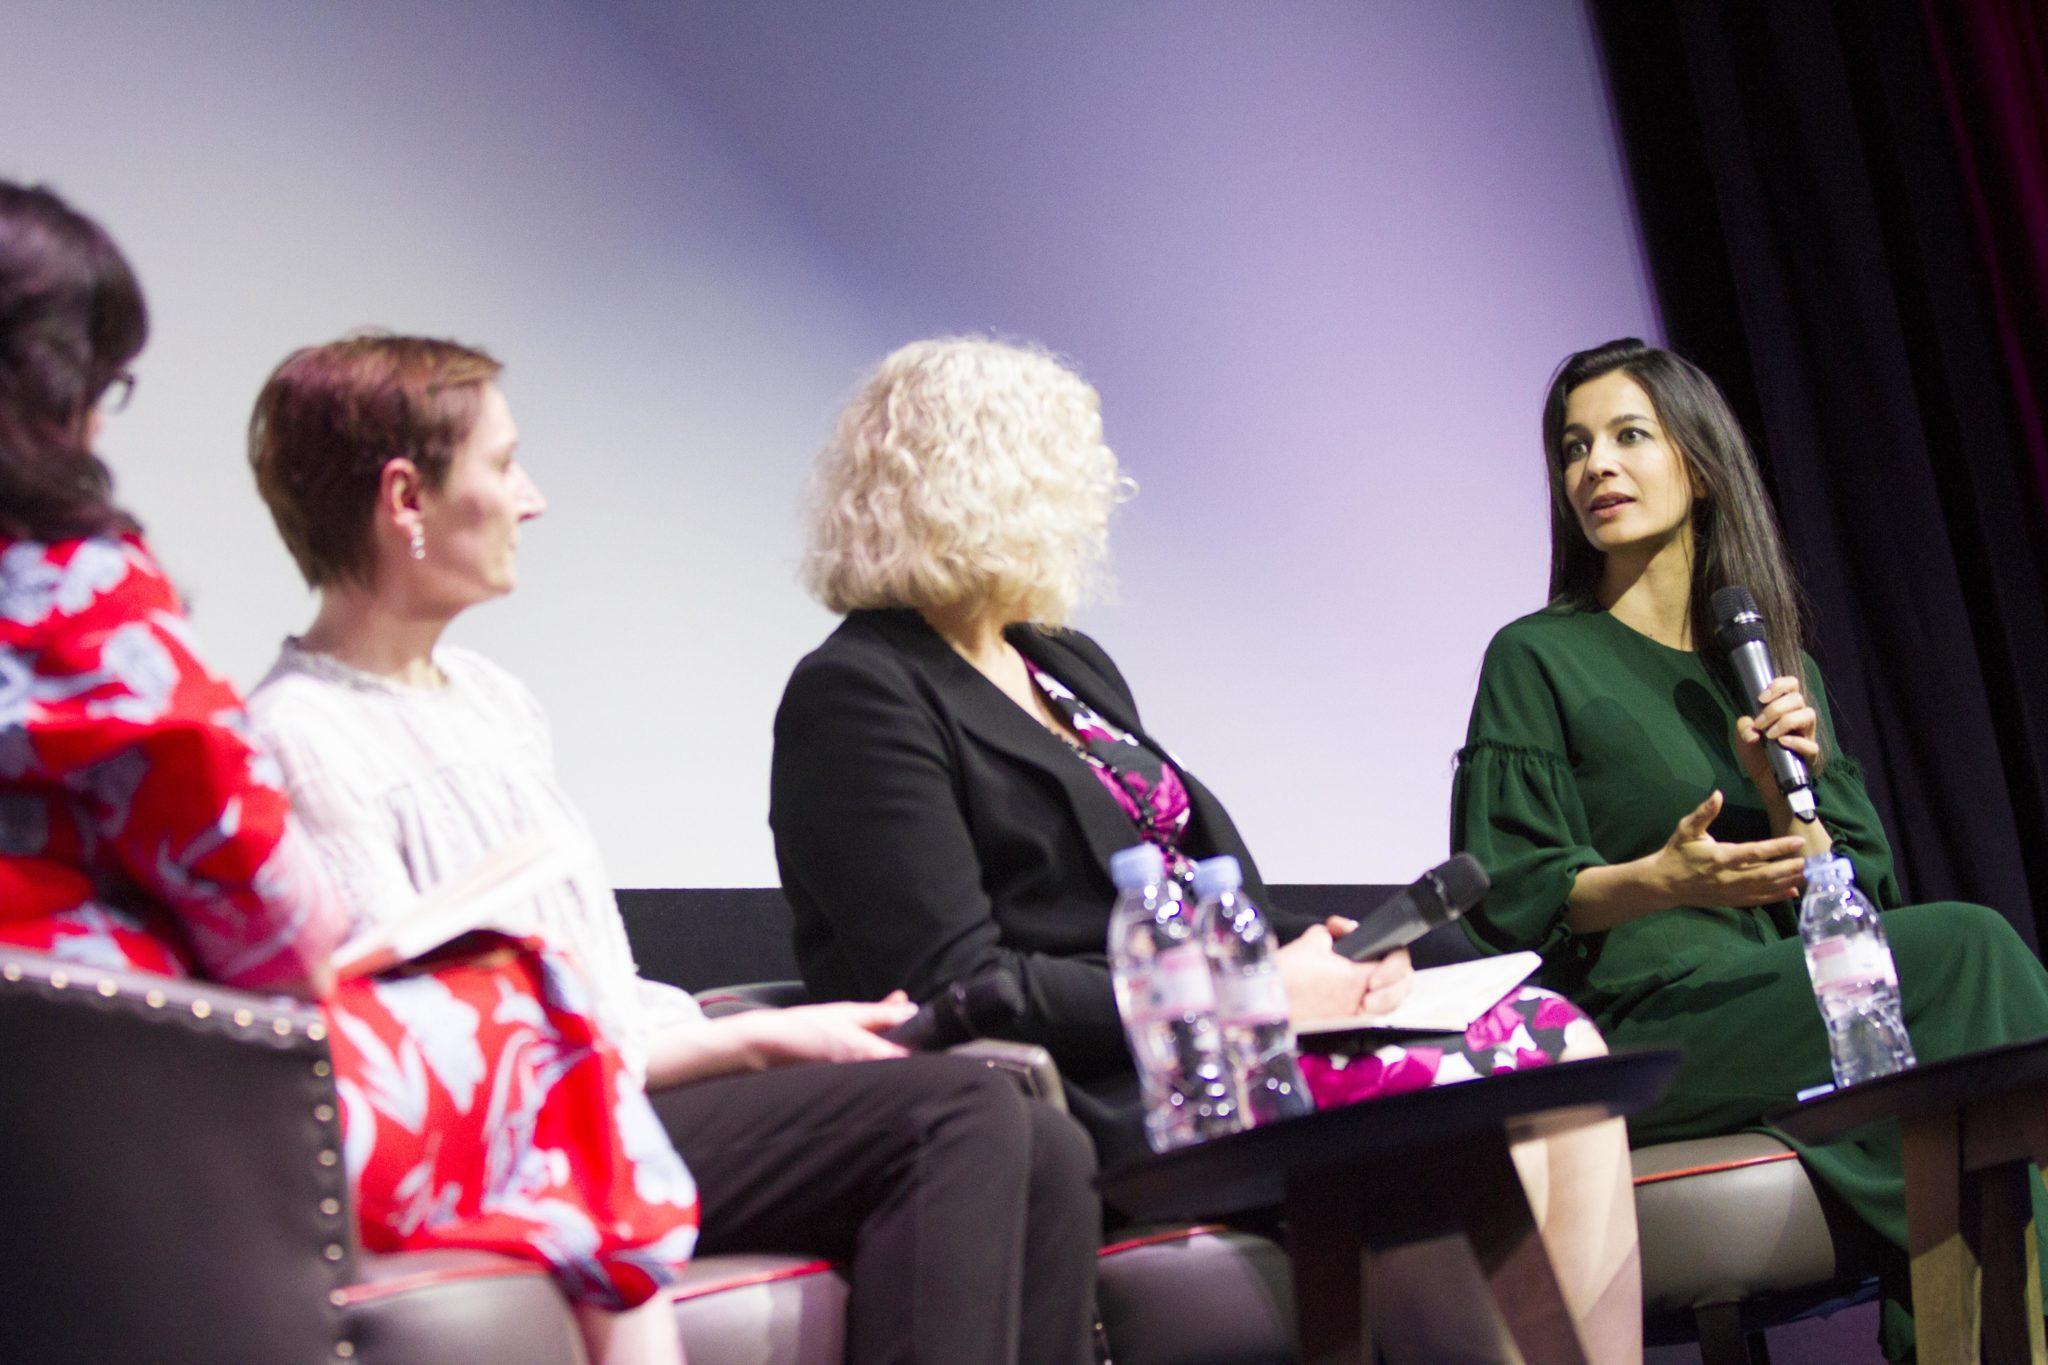 Helen O'Hara, Nora Twomey, Anne Morrison and Yalda Hakim